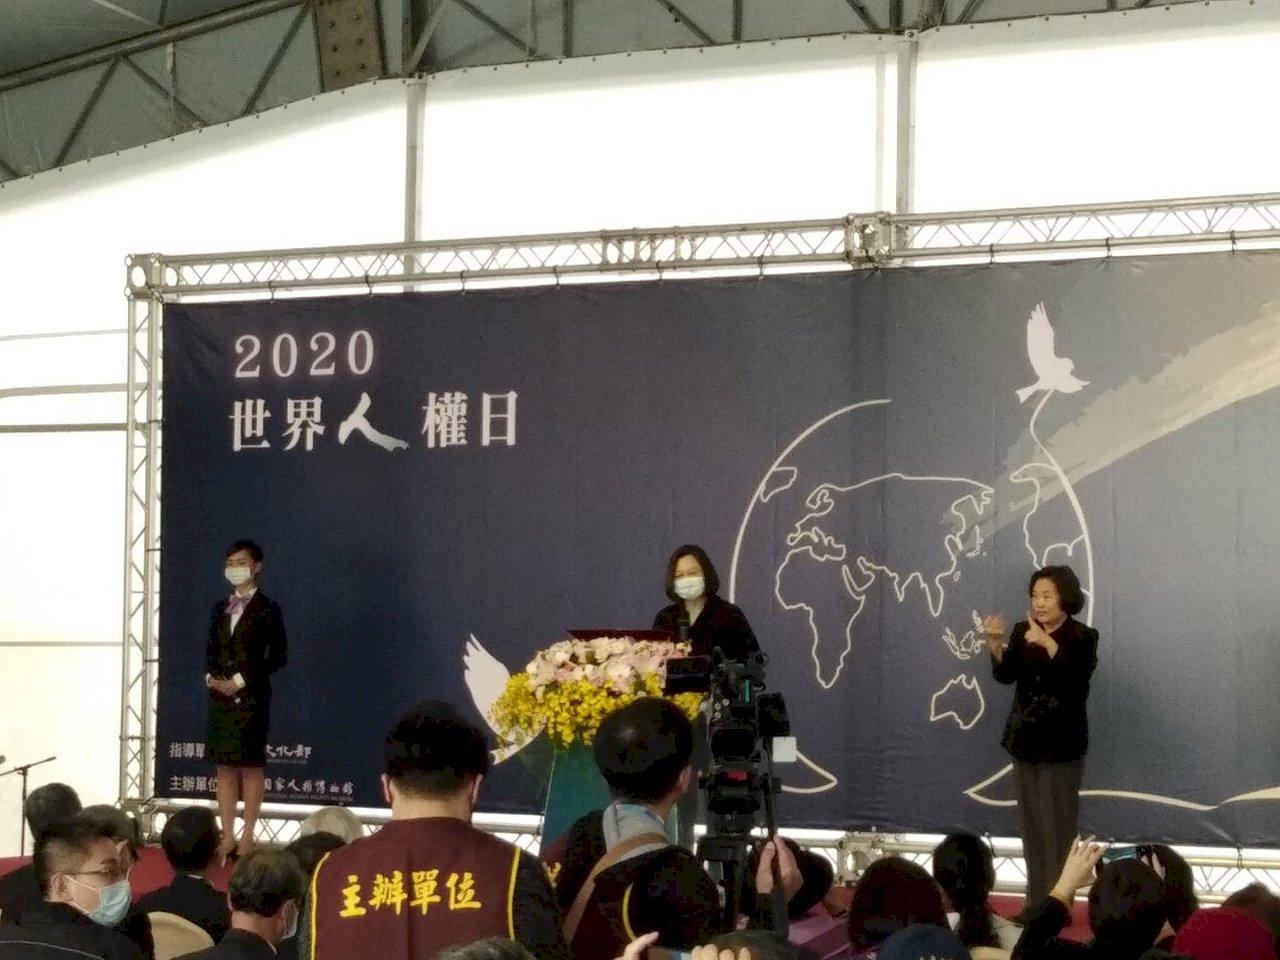 2020世界人權日 蔡總統:跨世代攜手 鞏固民主自由人權